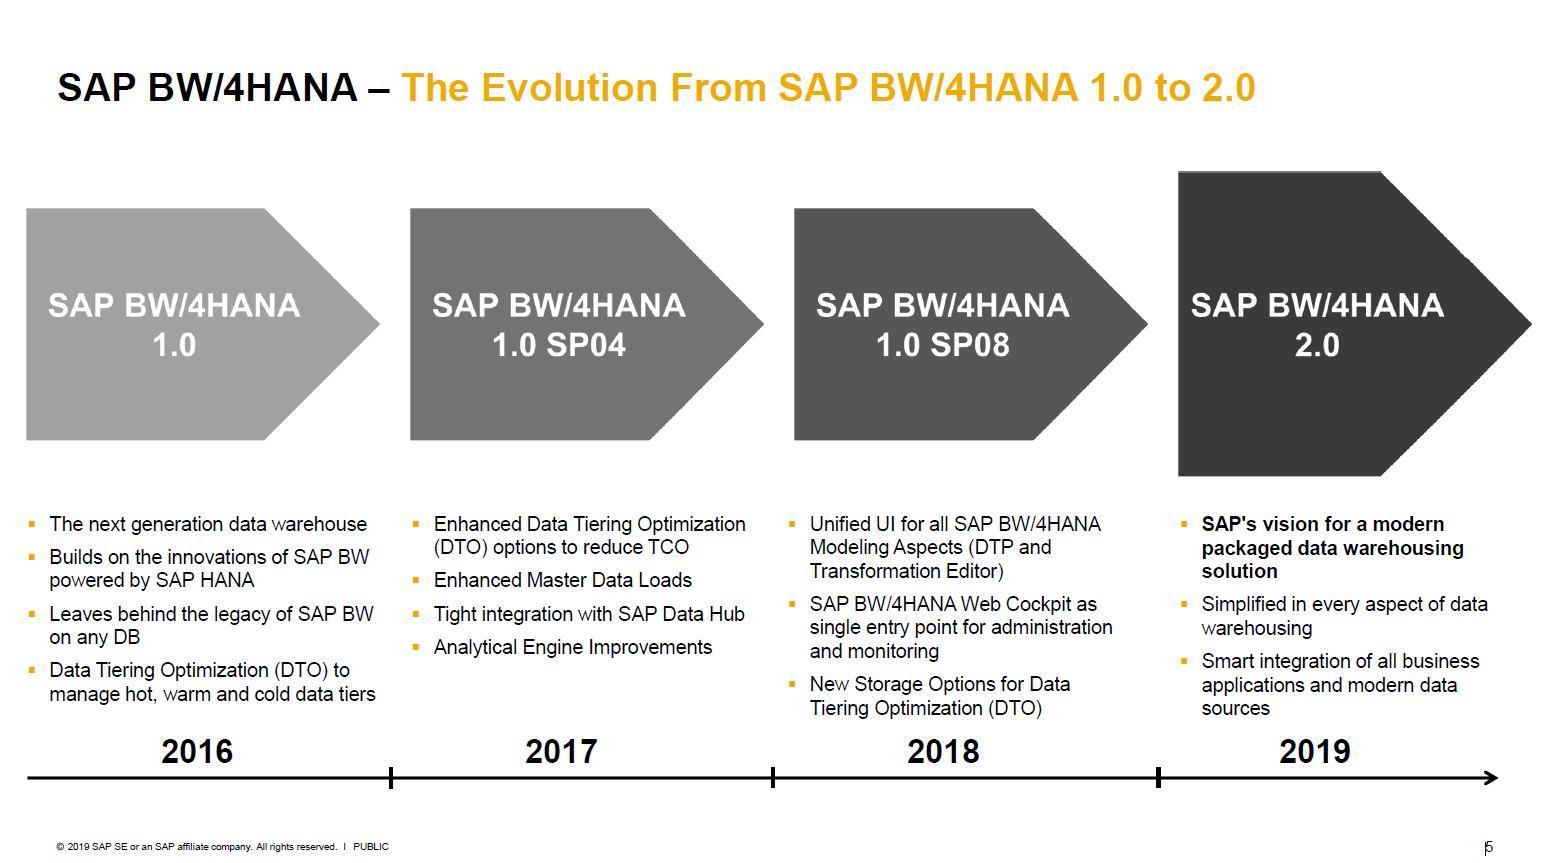 Entwicklung bei SAP BW/4HANA